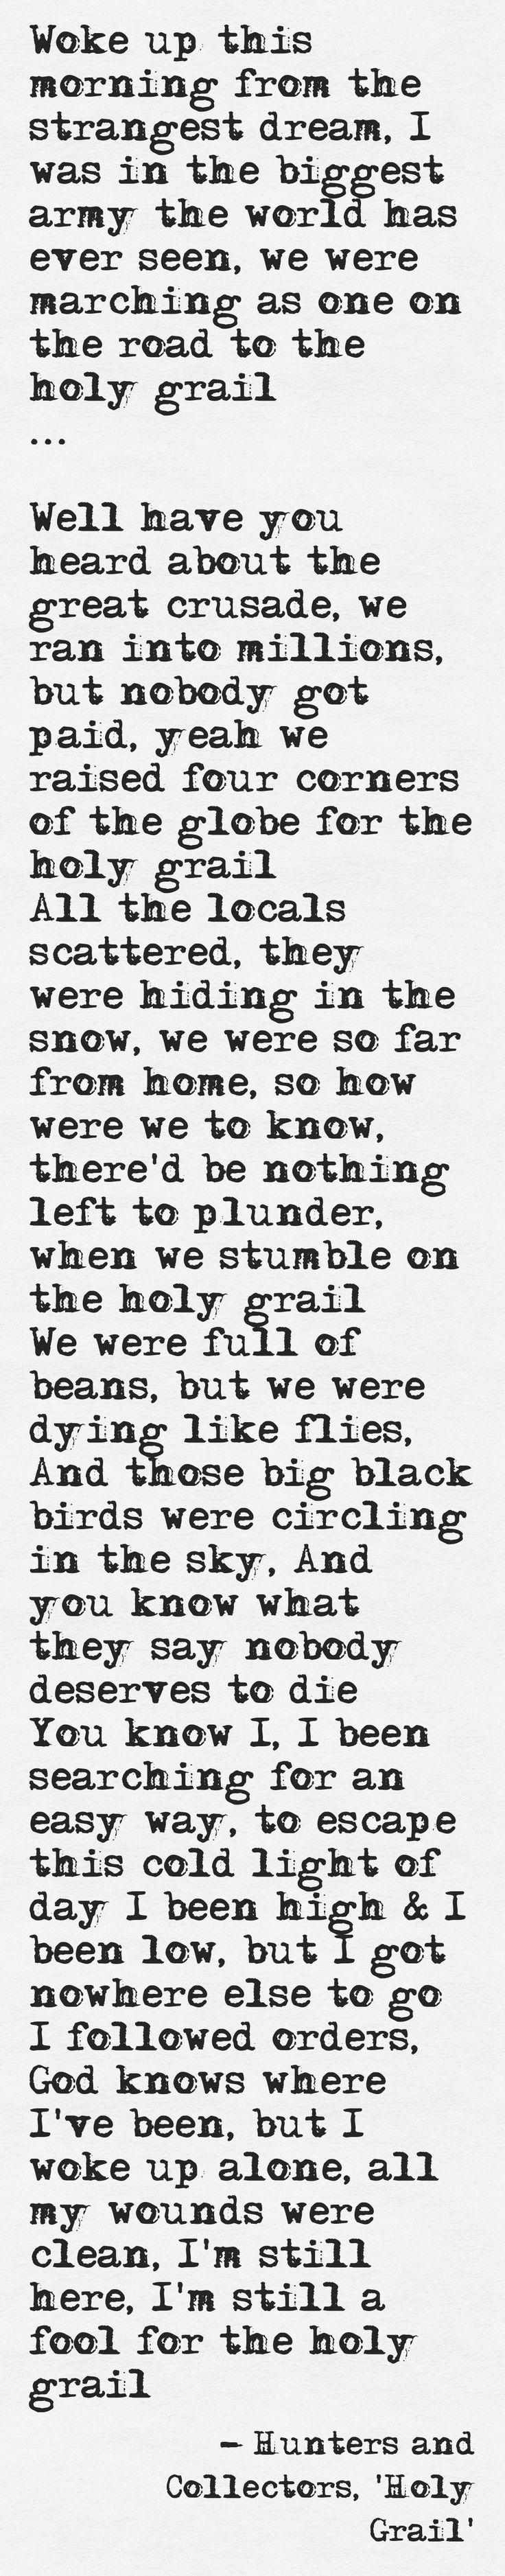 Christina Perri – Human Lyrics | Genius Lyrics